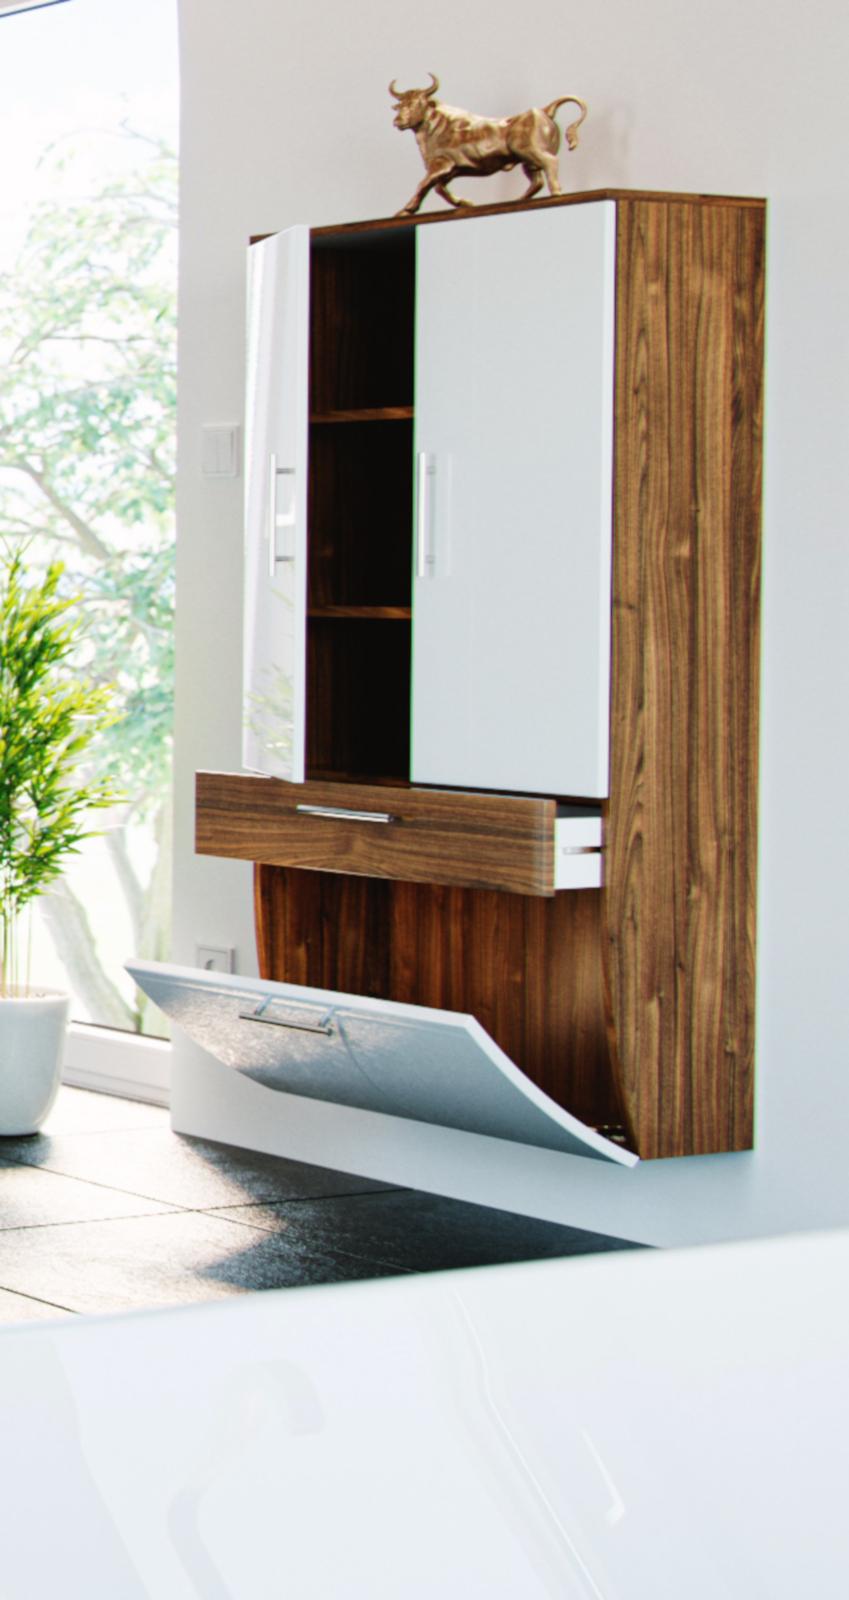 badm bel hochschrank salona in sonoma eiche wei. Black Bedroom Furniture Sets. Home Design Ideas